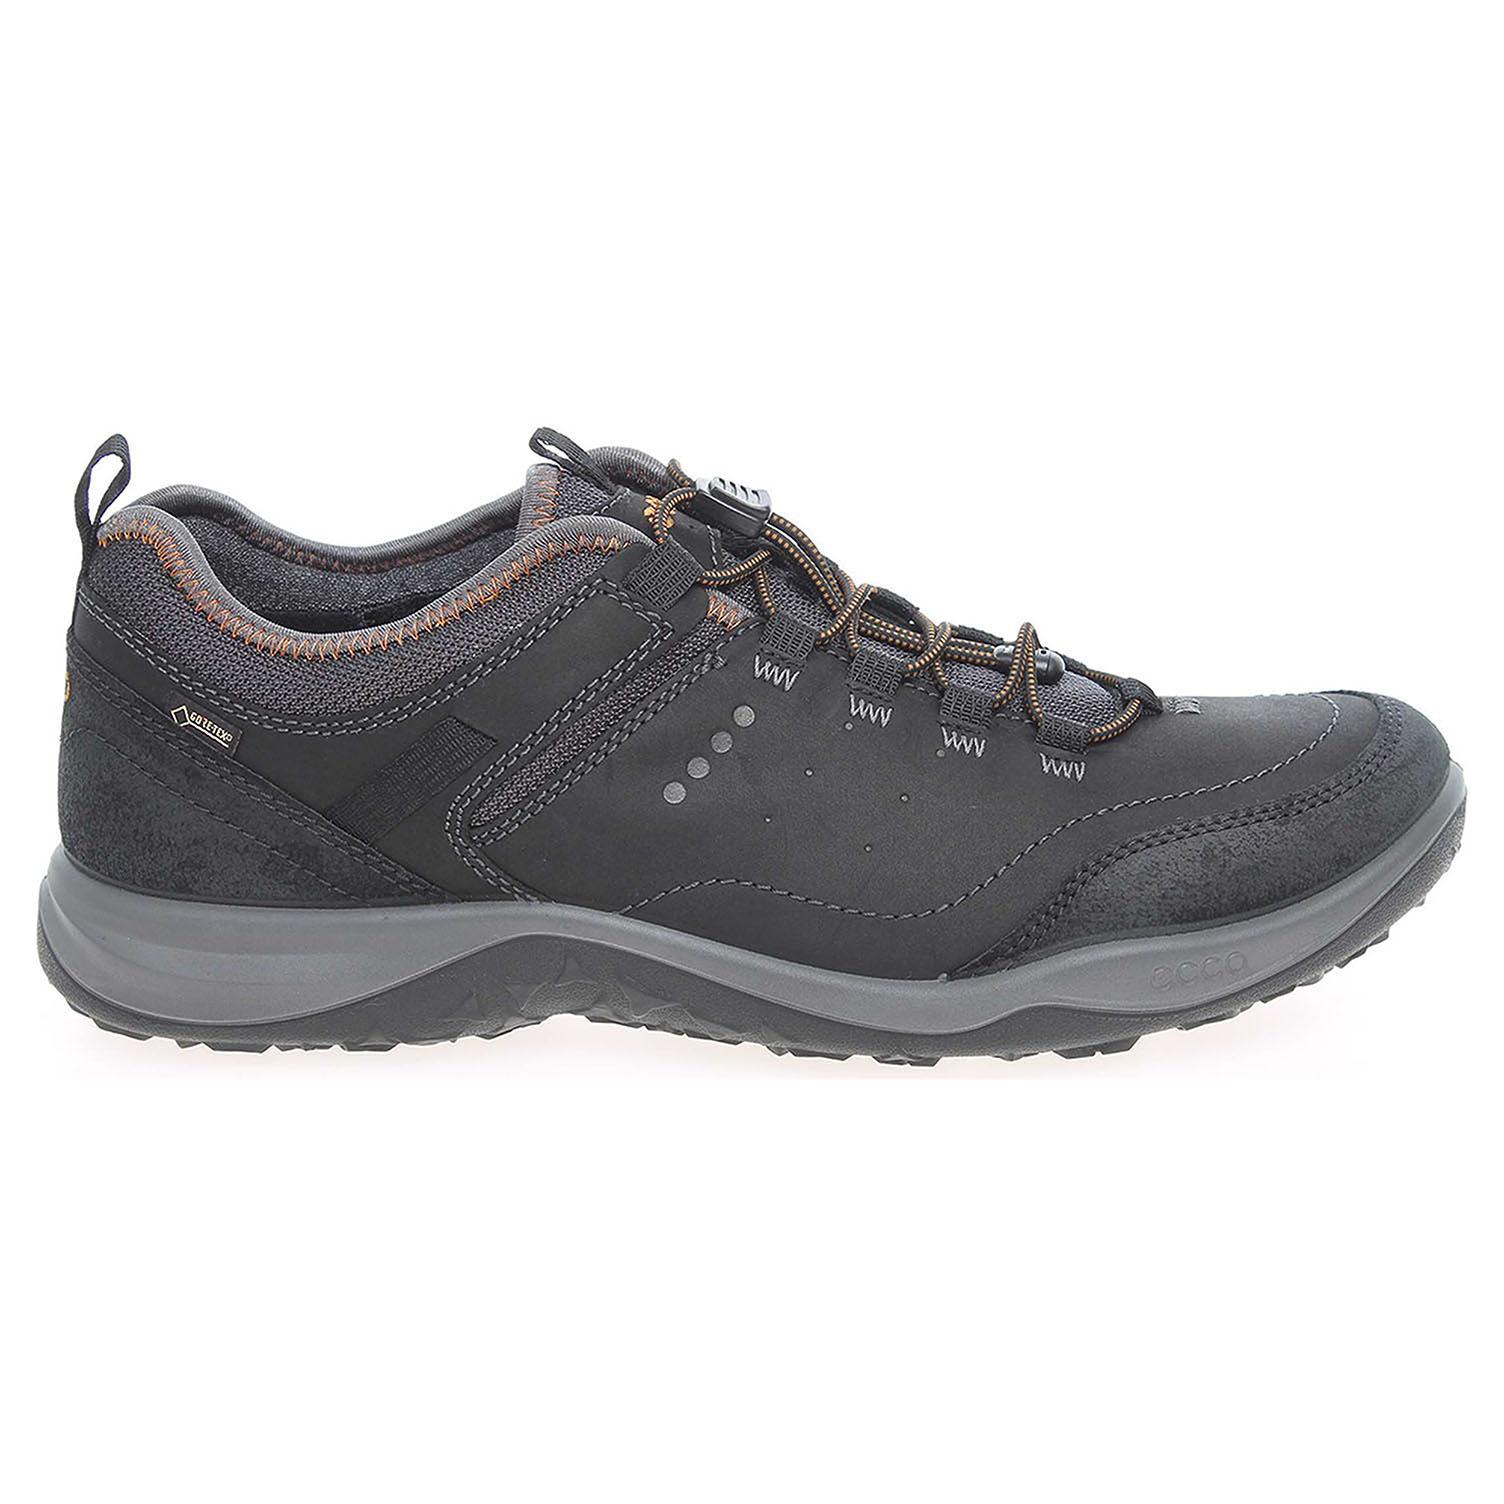 Ecco Ecco Espinho pánská obuv 83901451052 černá 24000402